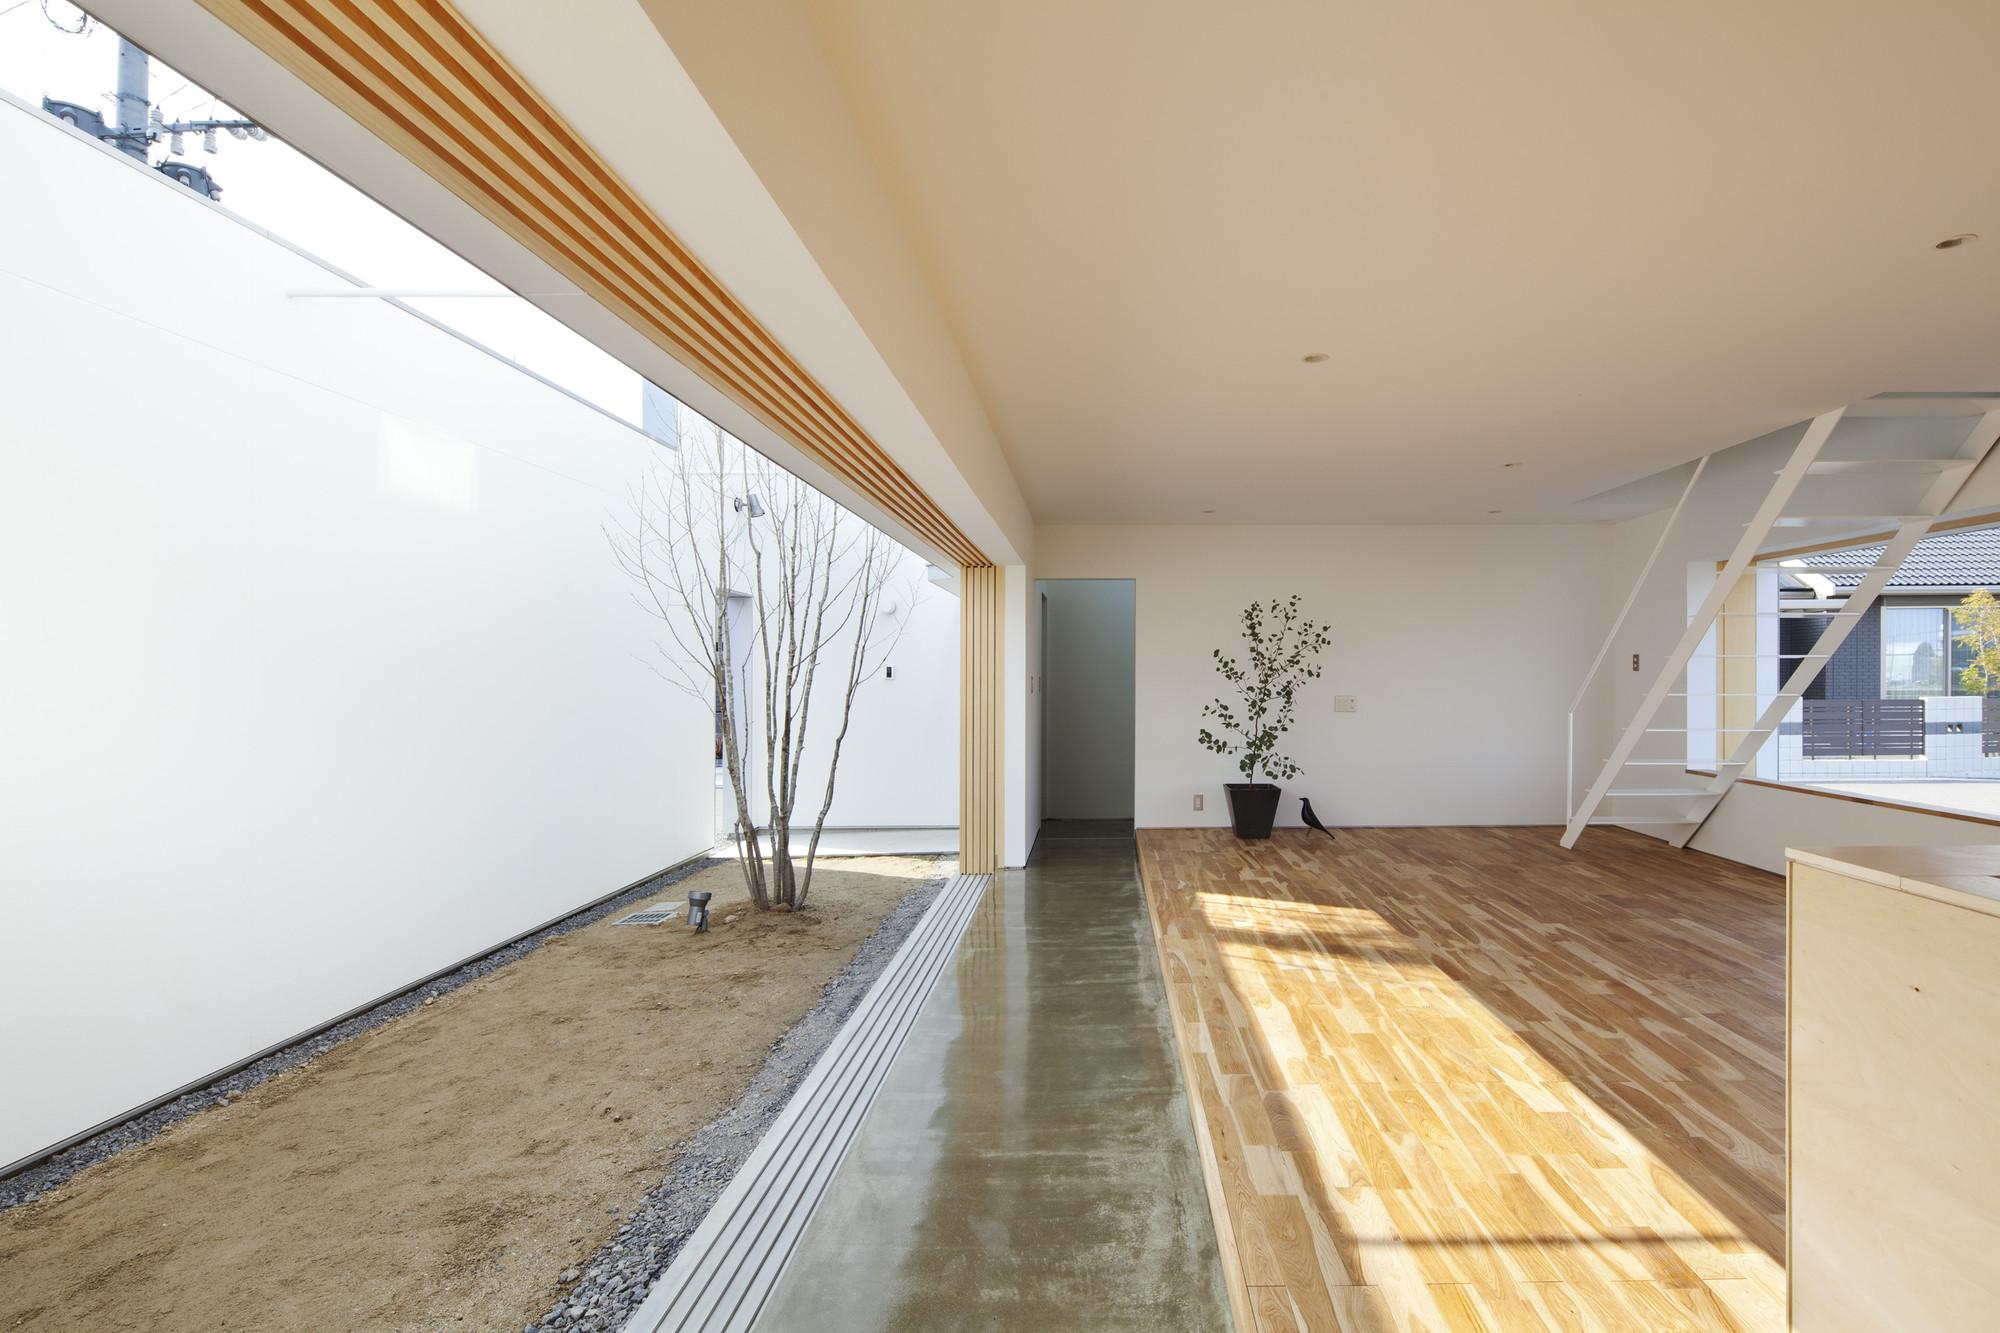 The Cave / Eto Kenta Atelier Architects, © Noriyuki Yano